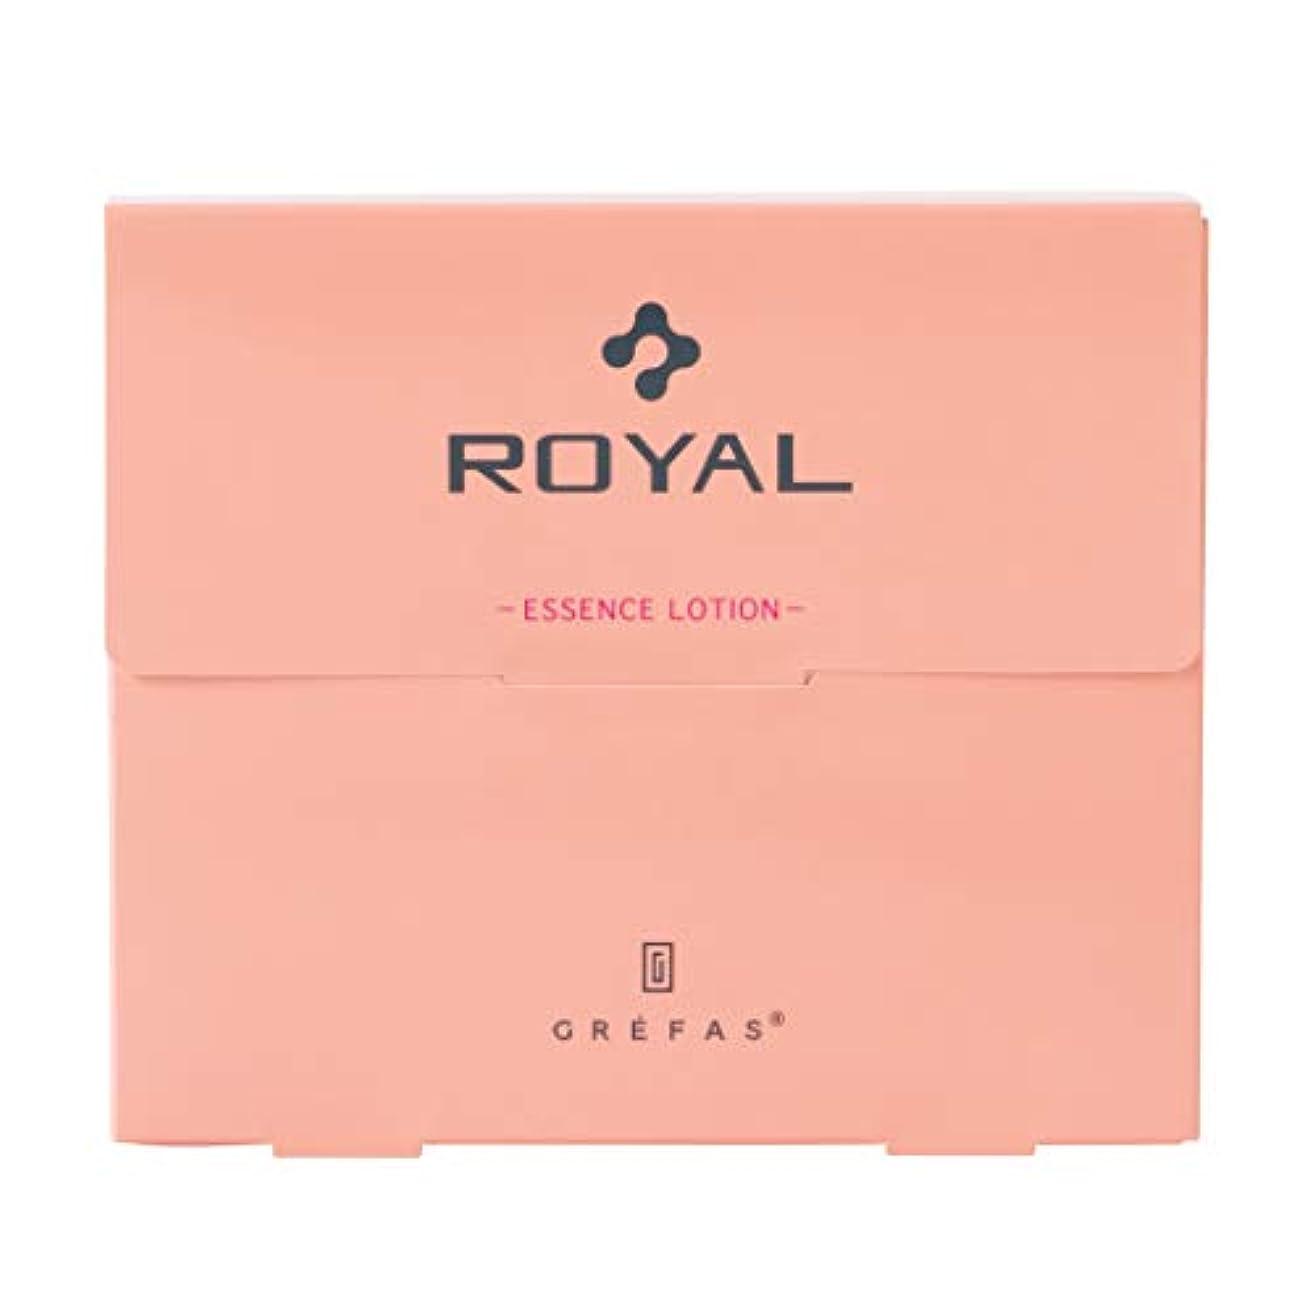 ヘルメットメール書くGREFAS ROYAL エッセンスローション 1.3ml×30袋